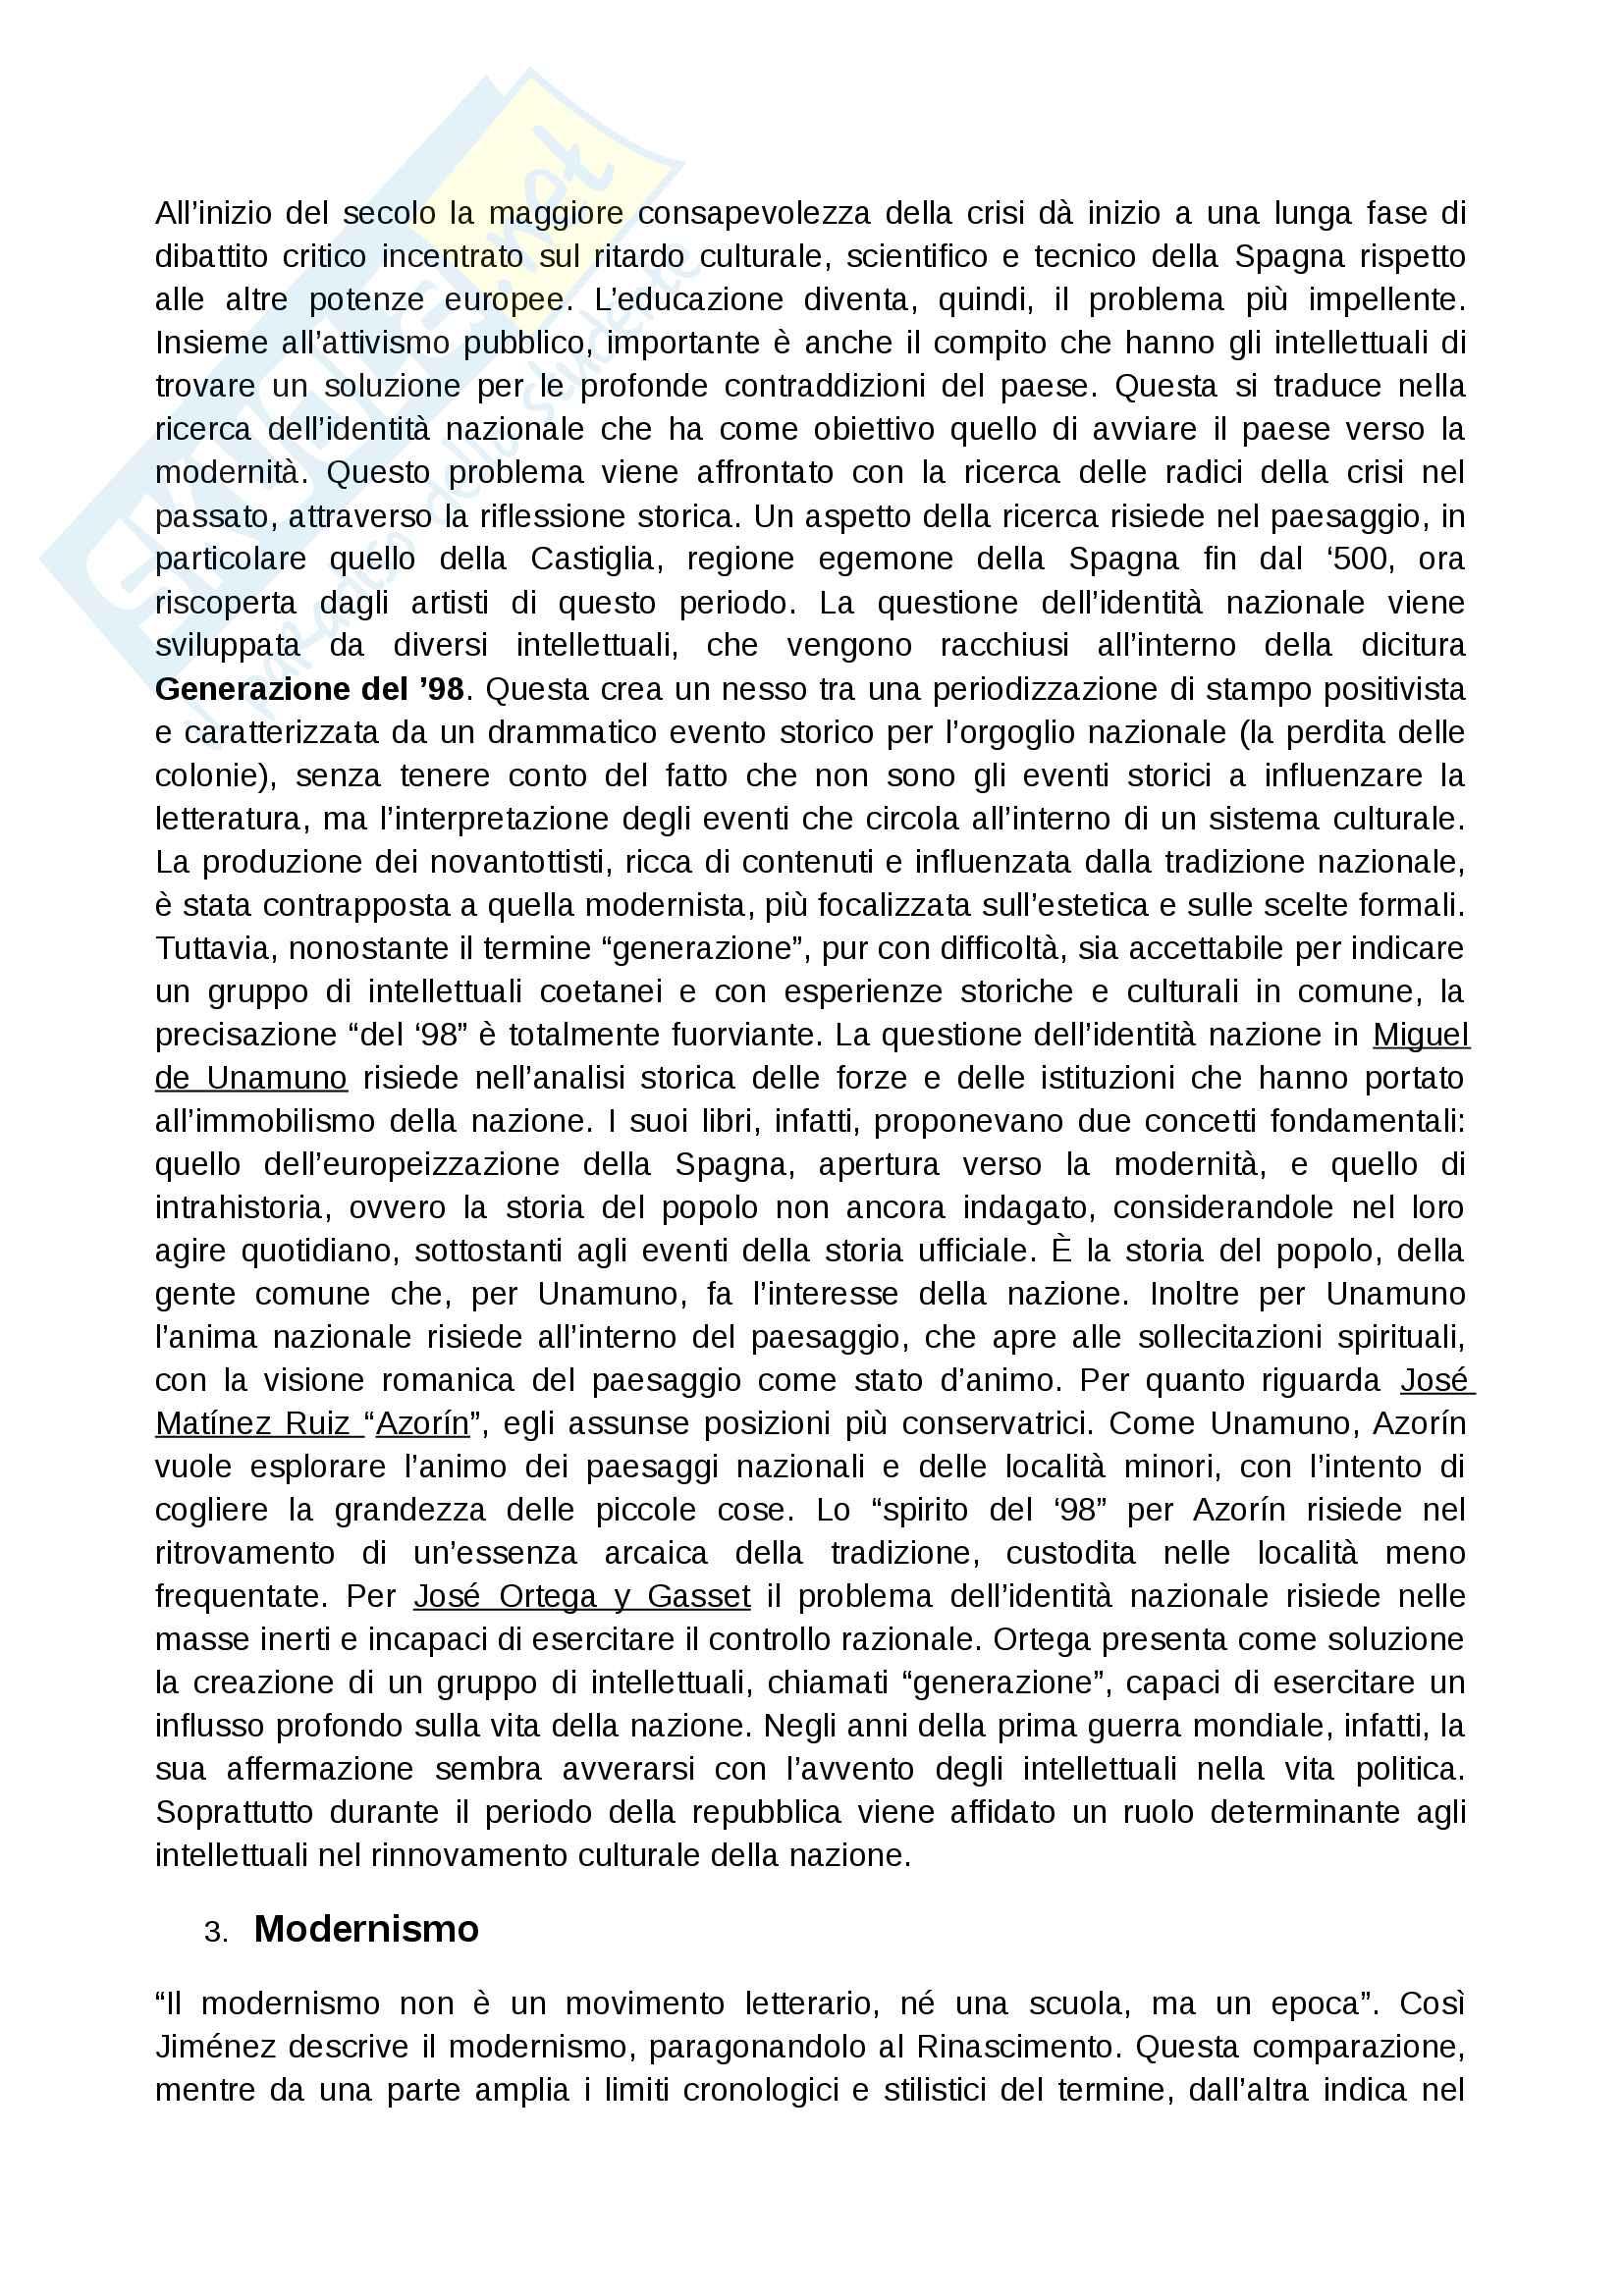 Contesto storico 900 spagnolo Pag. 2